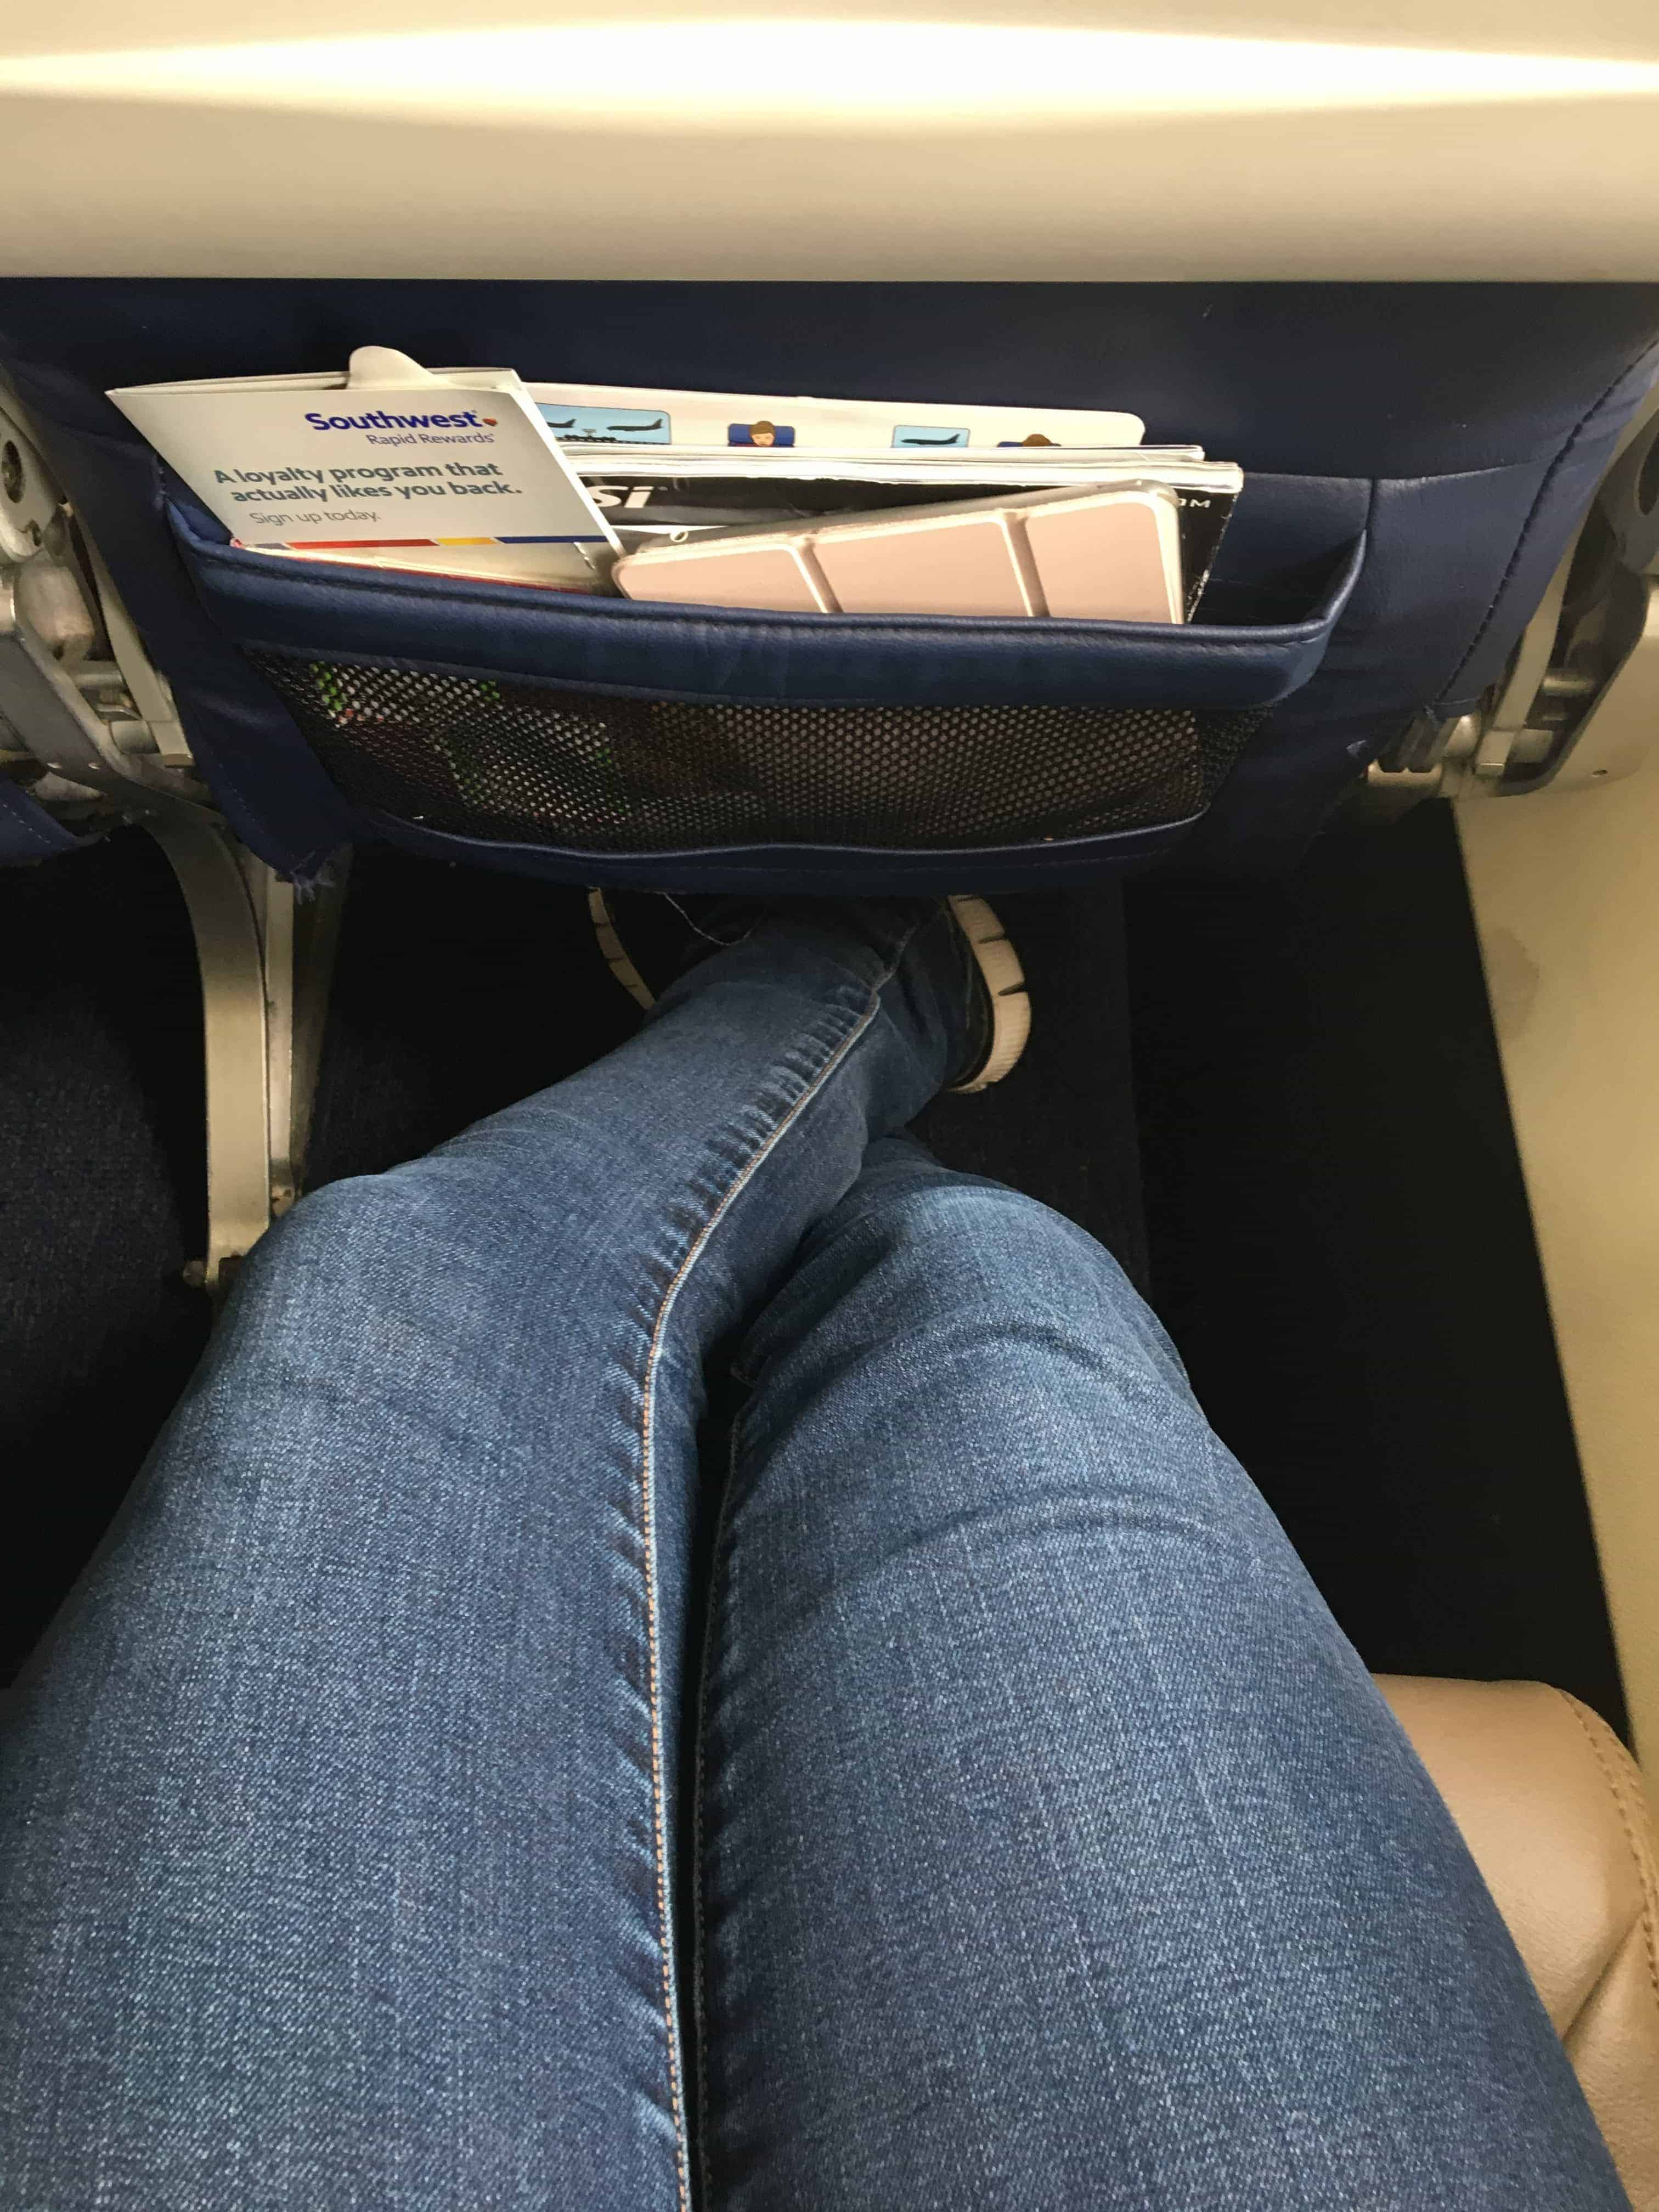 Southwest Sitzabstand ausgestreckte Beine